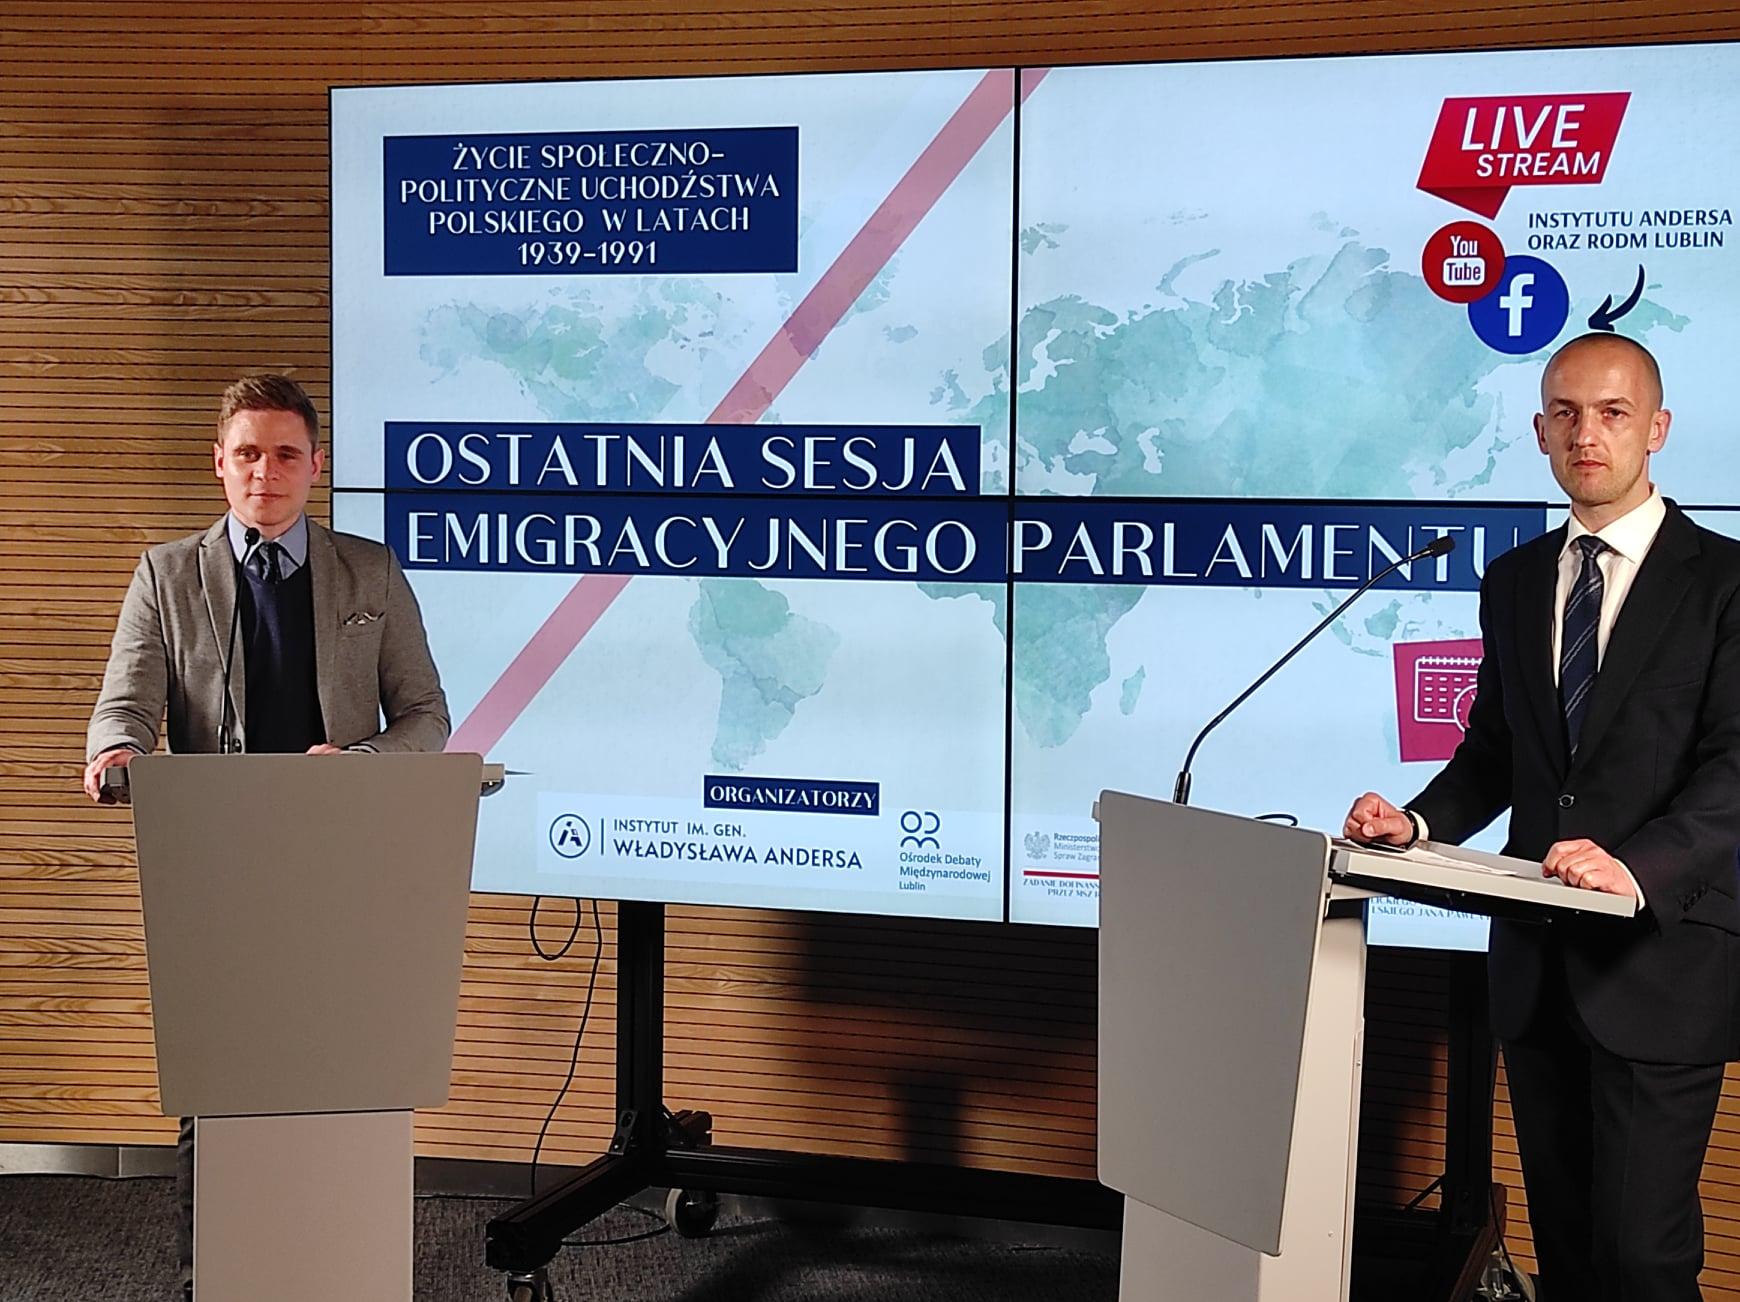 """Relacja z konferencji """"Ostatnia sesja emigracyjnego parlamentu"""""""